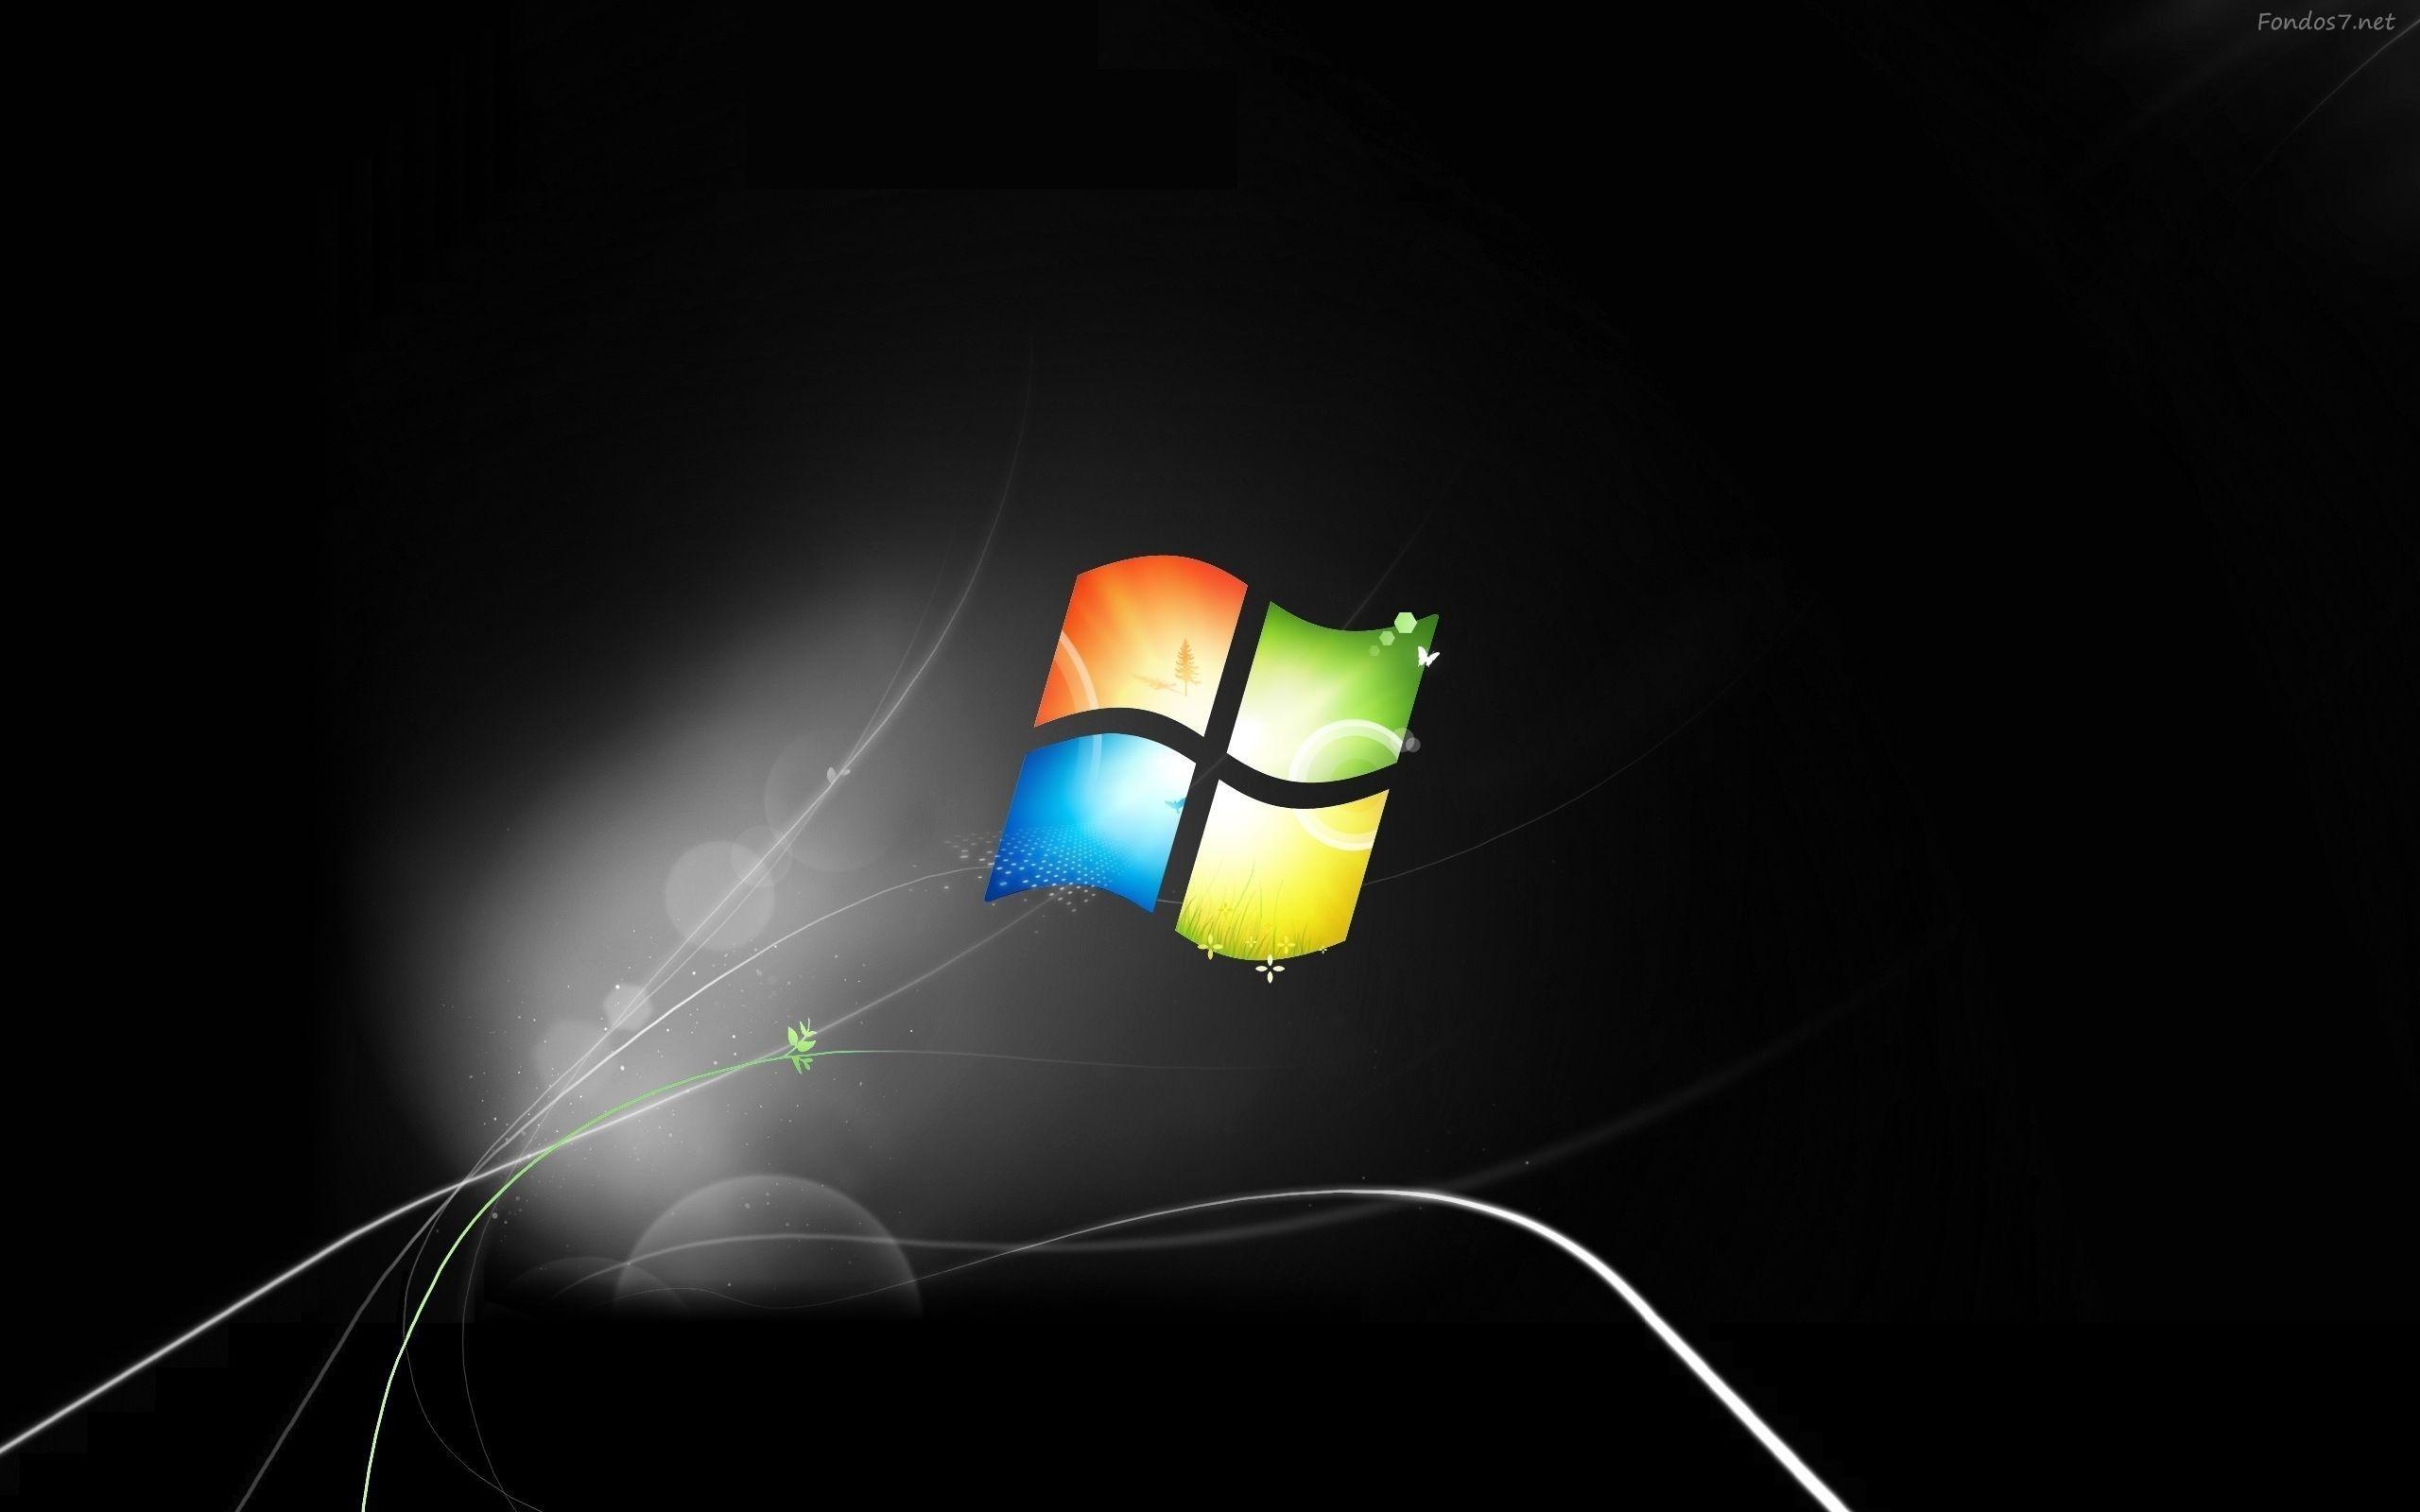 Windows 7 hintergrund schwarz